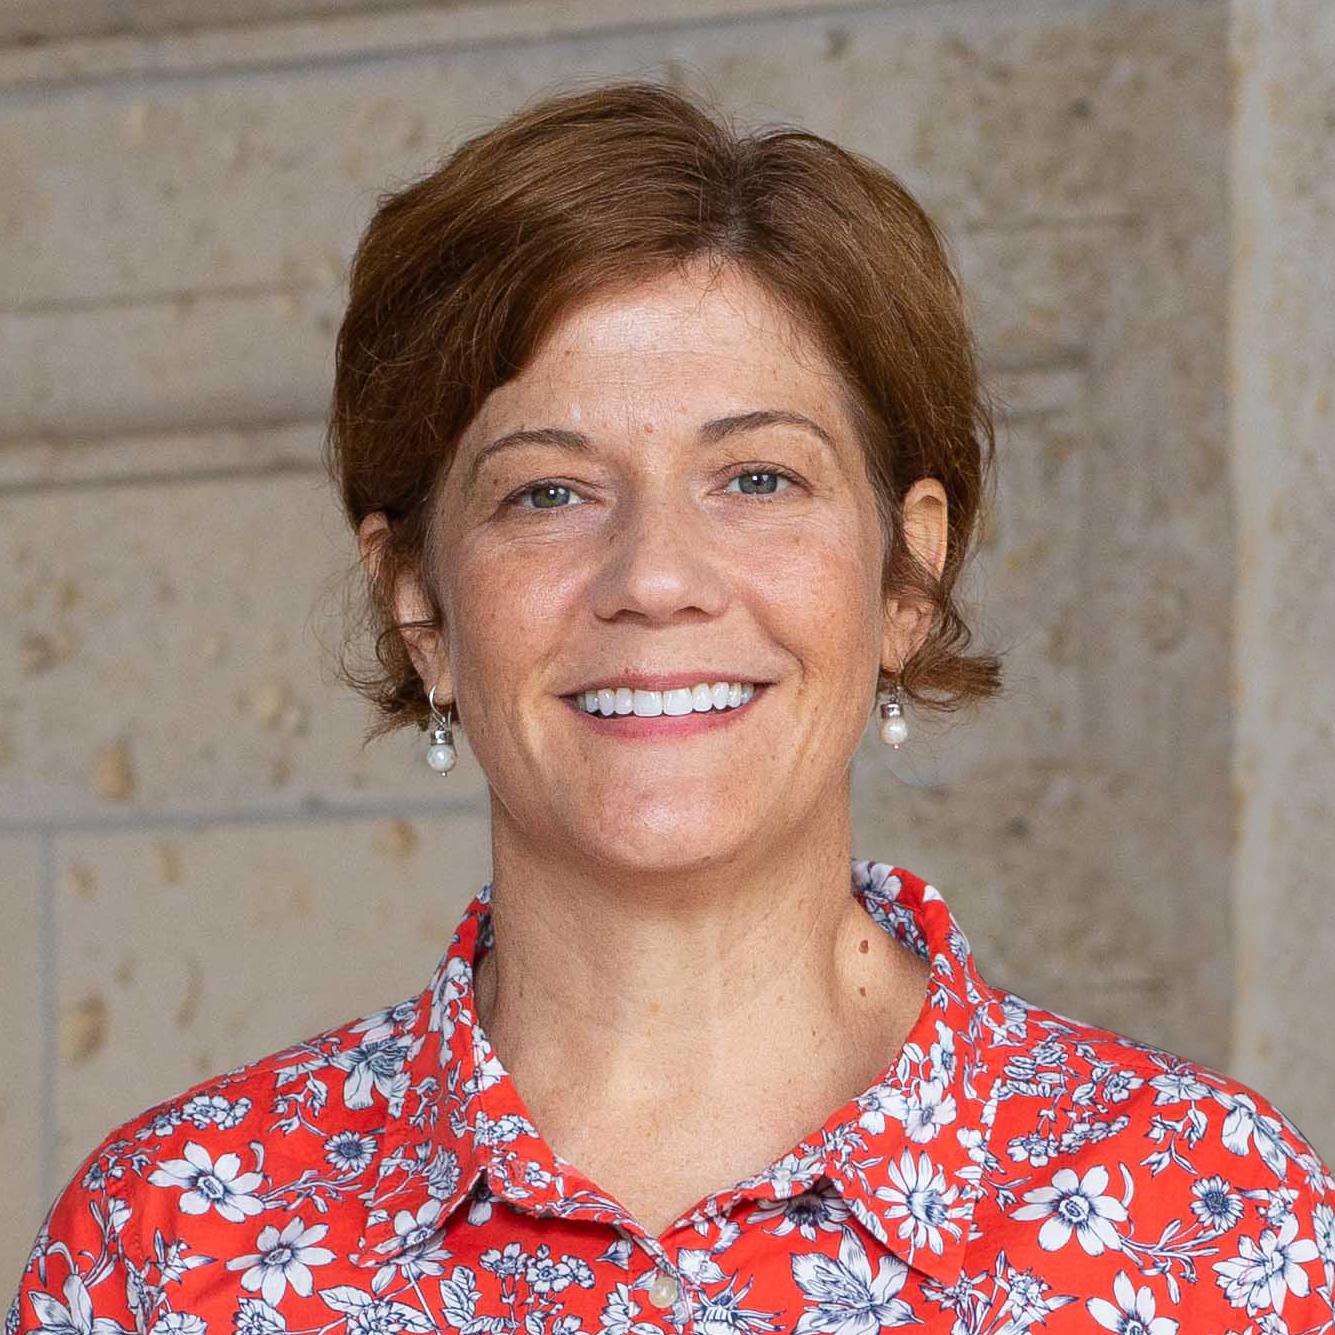 Melinda Heidenreich